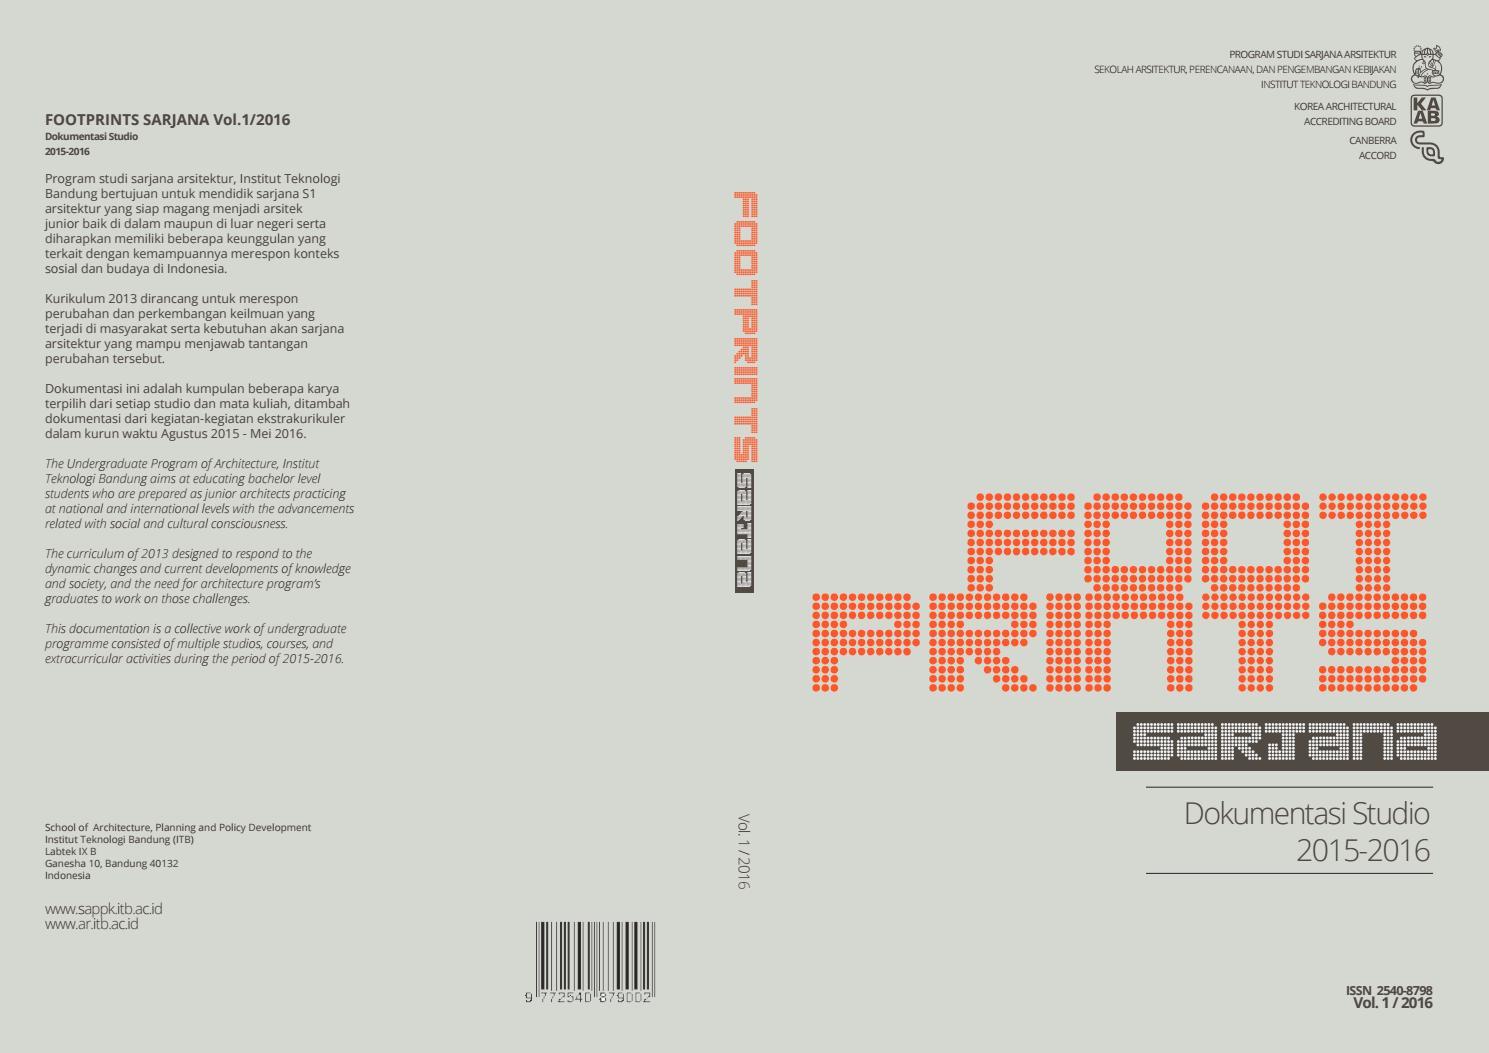 Footprint Vol 1 2016 By Unit Publikasi Program Studi